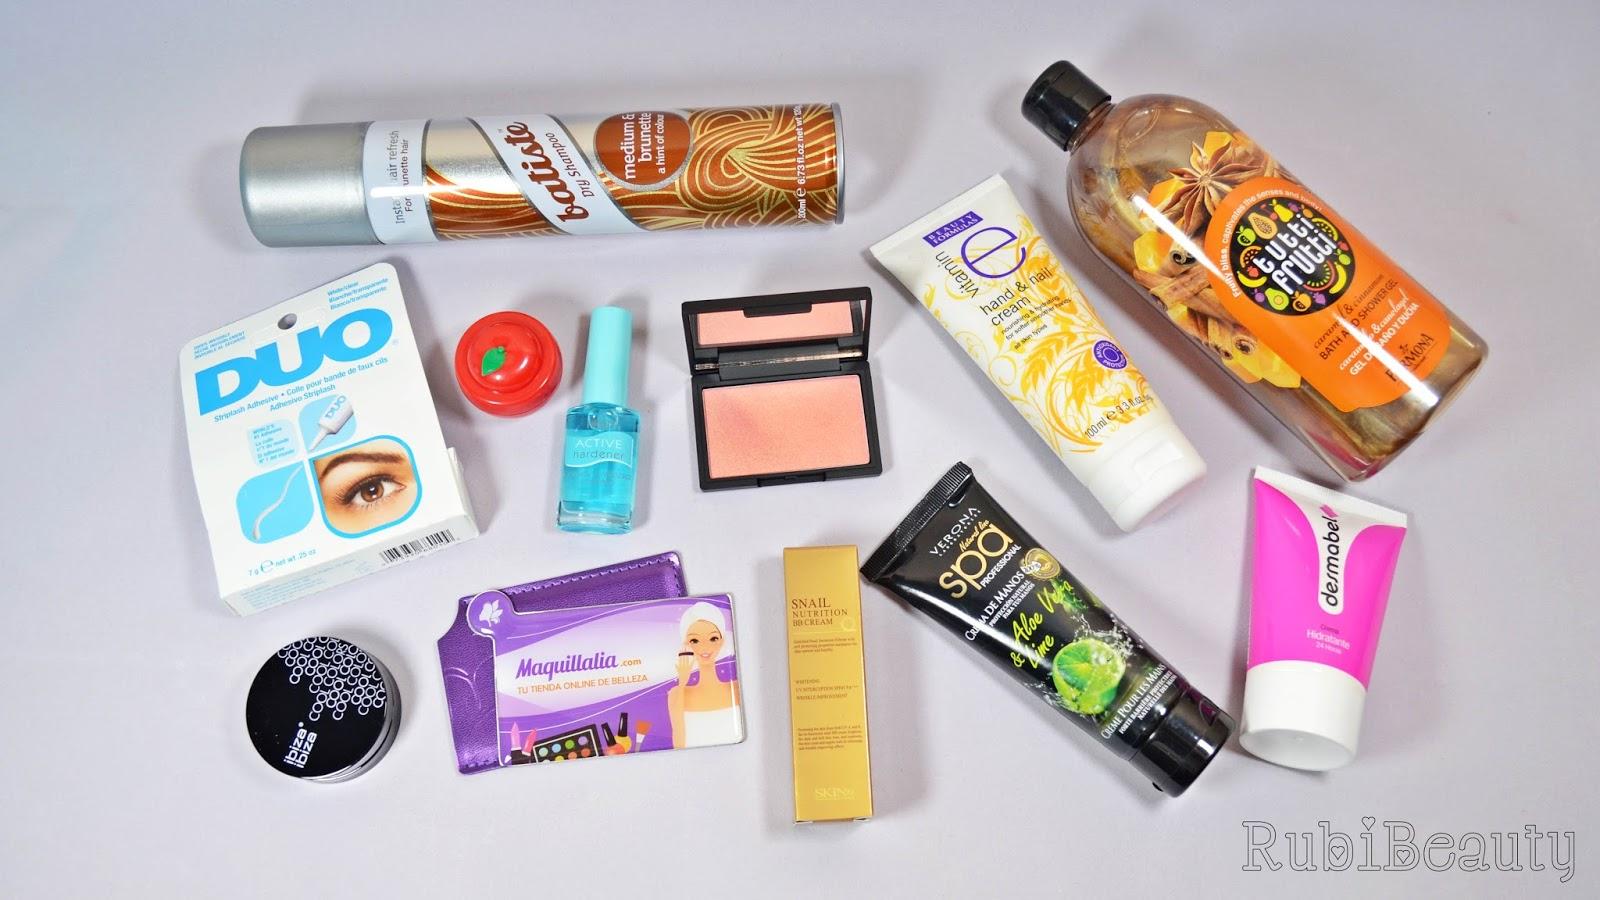 rubibeauty compras black friday maquillalia primor 2014